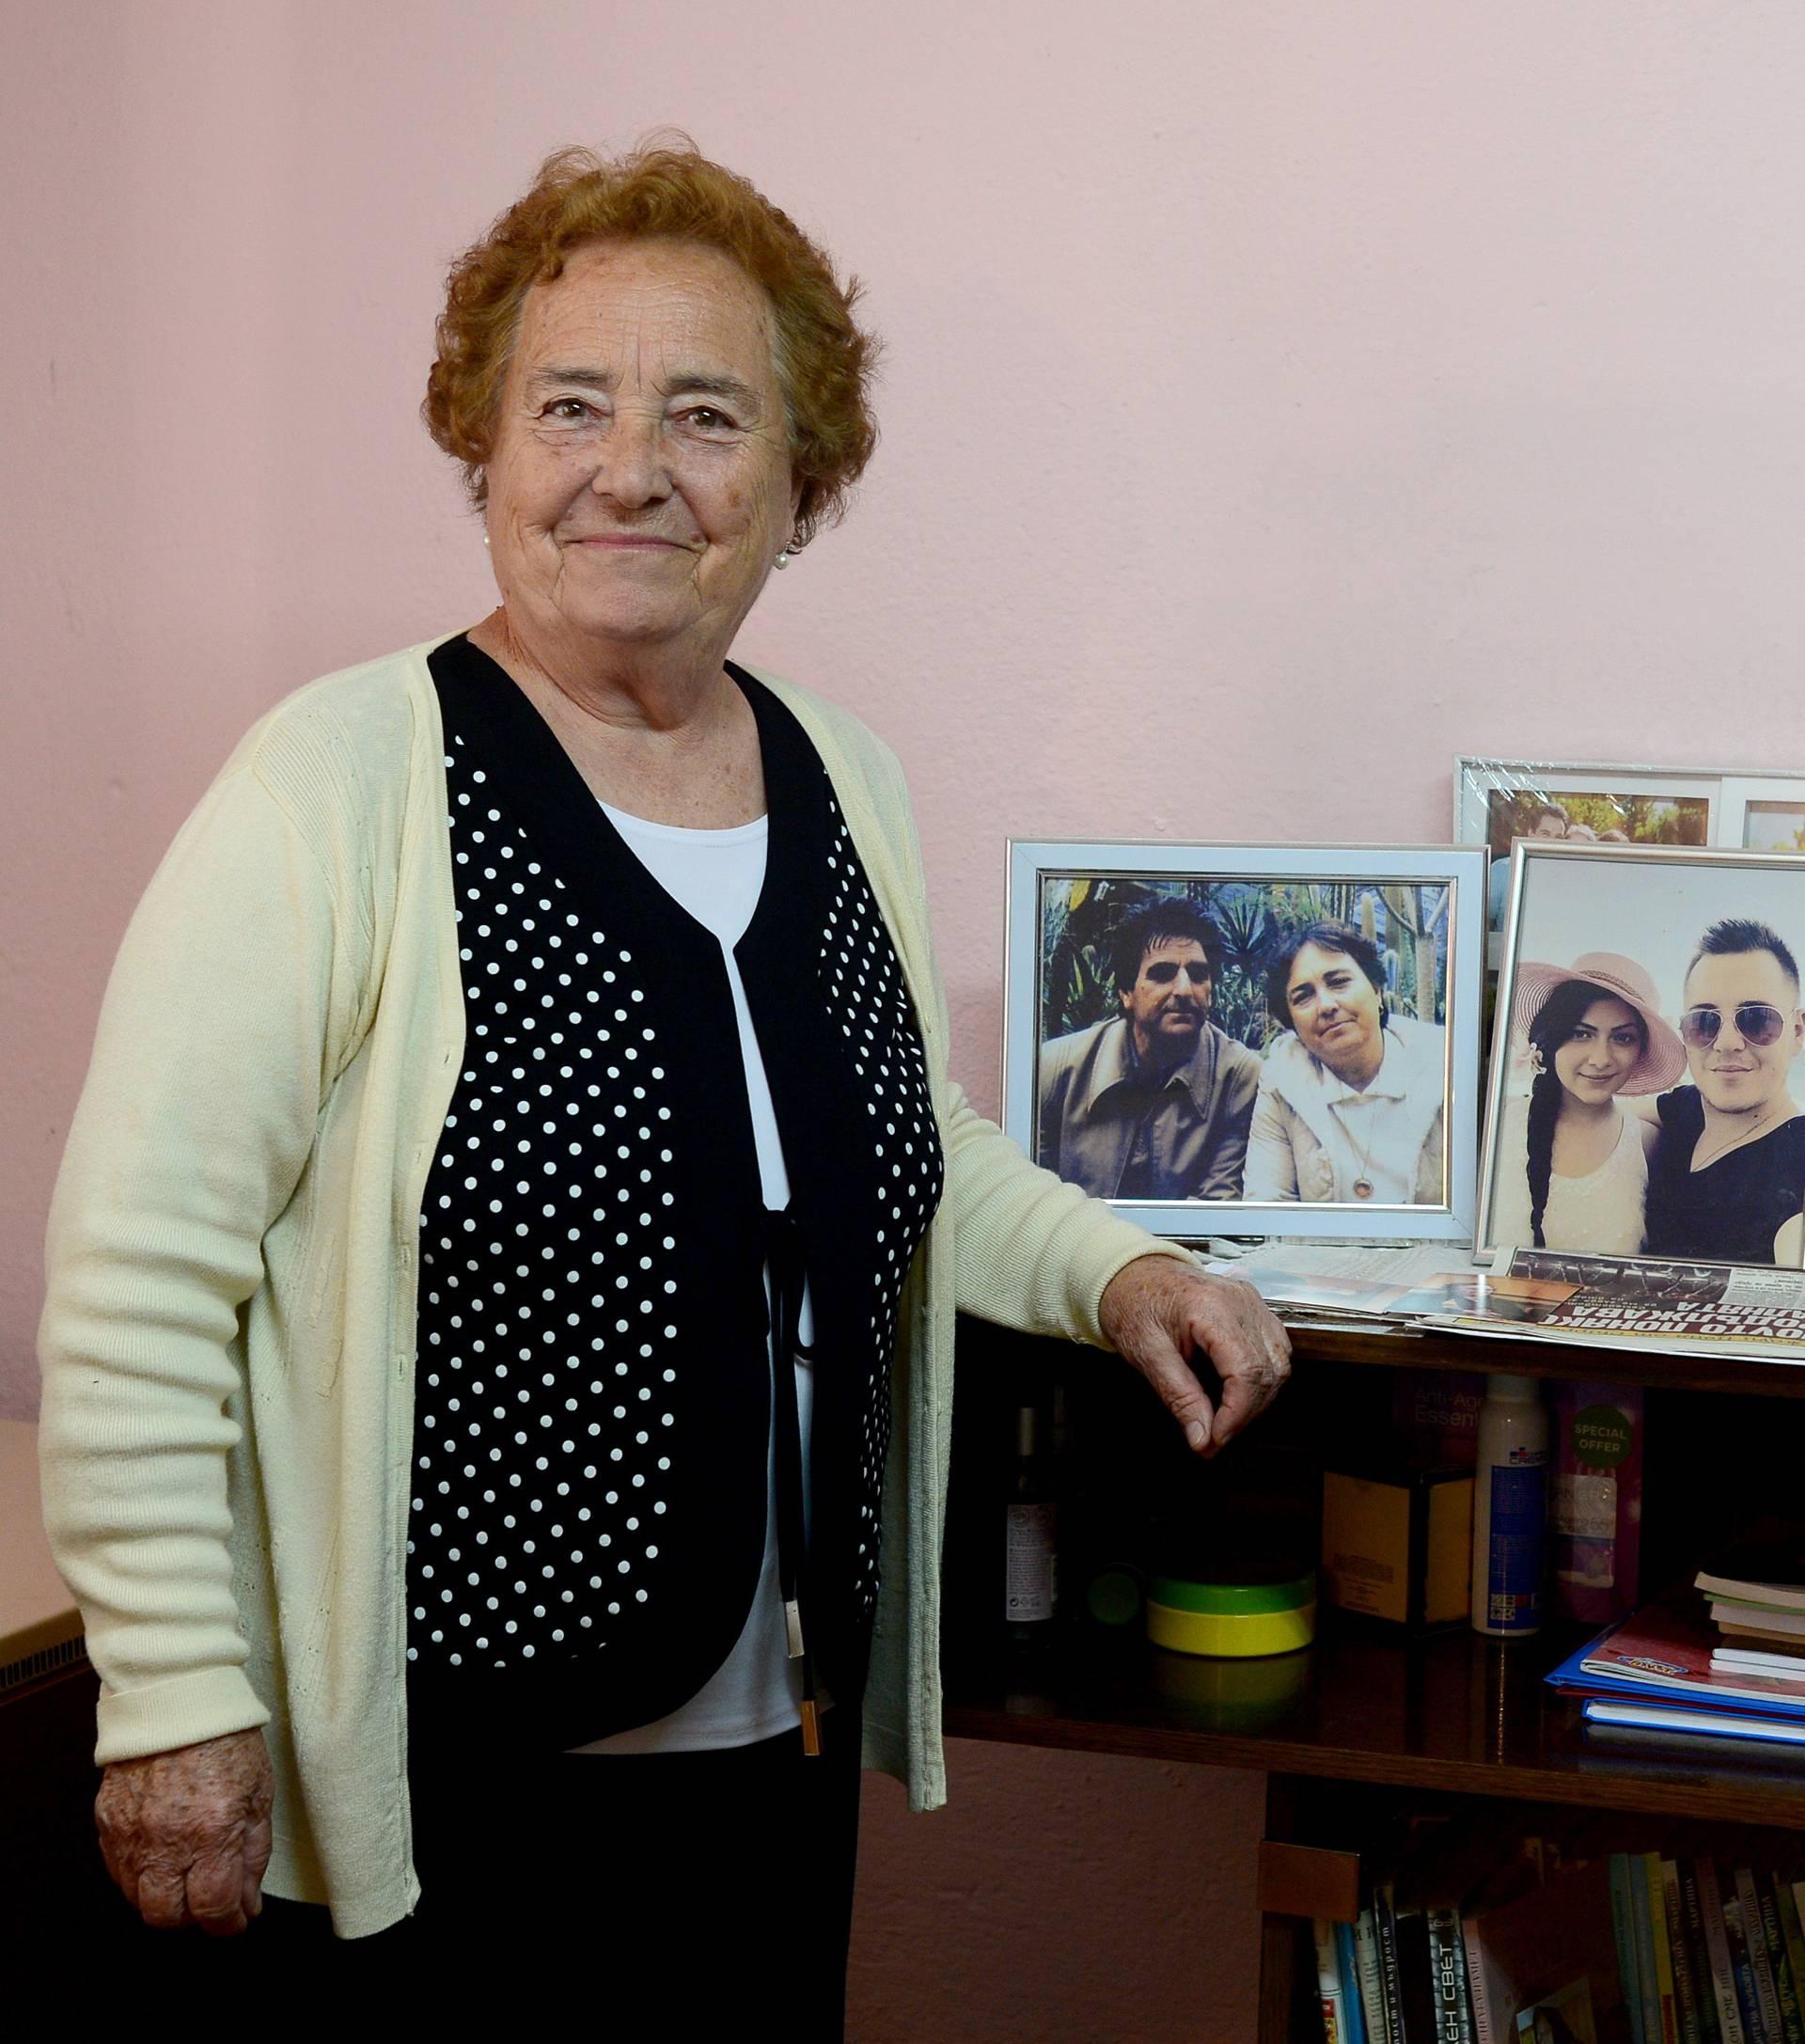 Vječno zahvalna: Baba Vanga je mojoj unučici spasila život